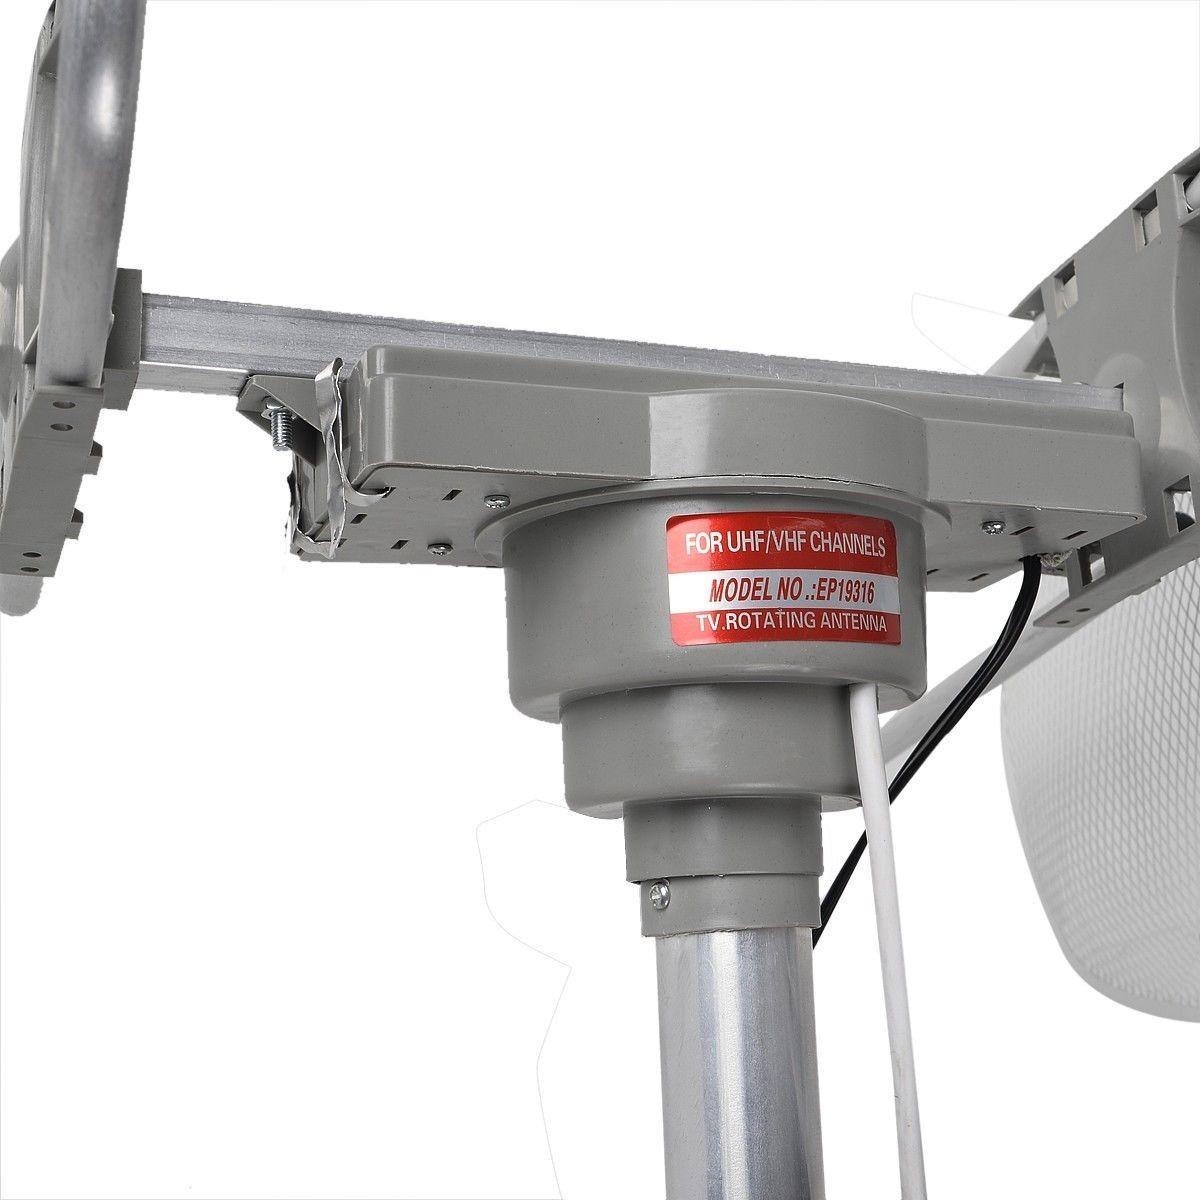 Hdtv digital outdoor antenna tv 360 uhf vhf fm 150 miles - Antena tv exterior ...